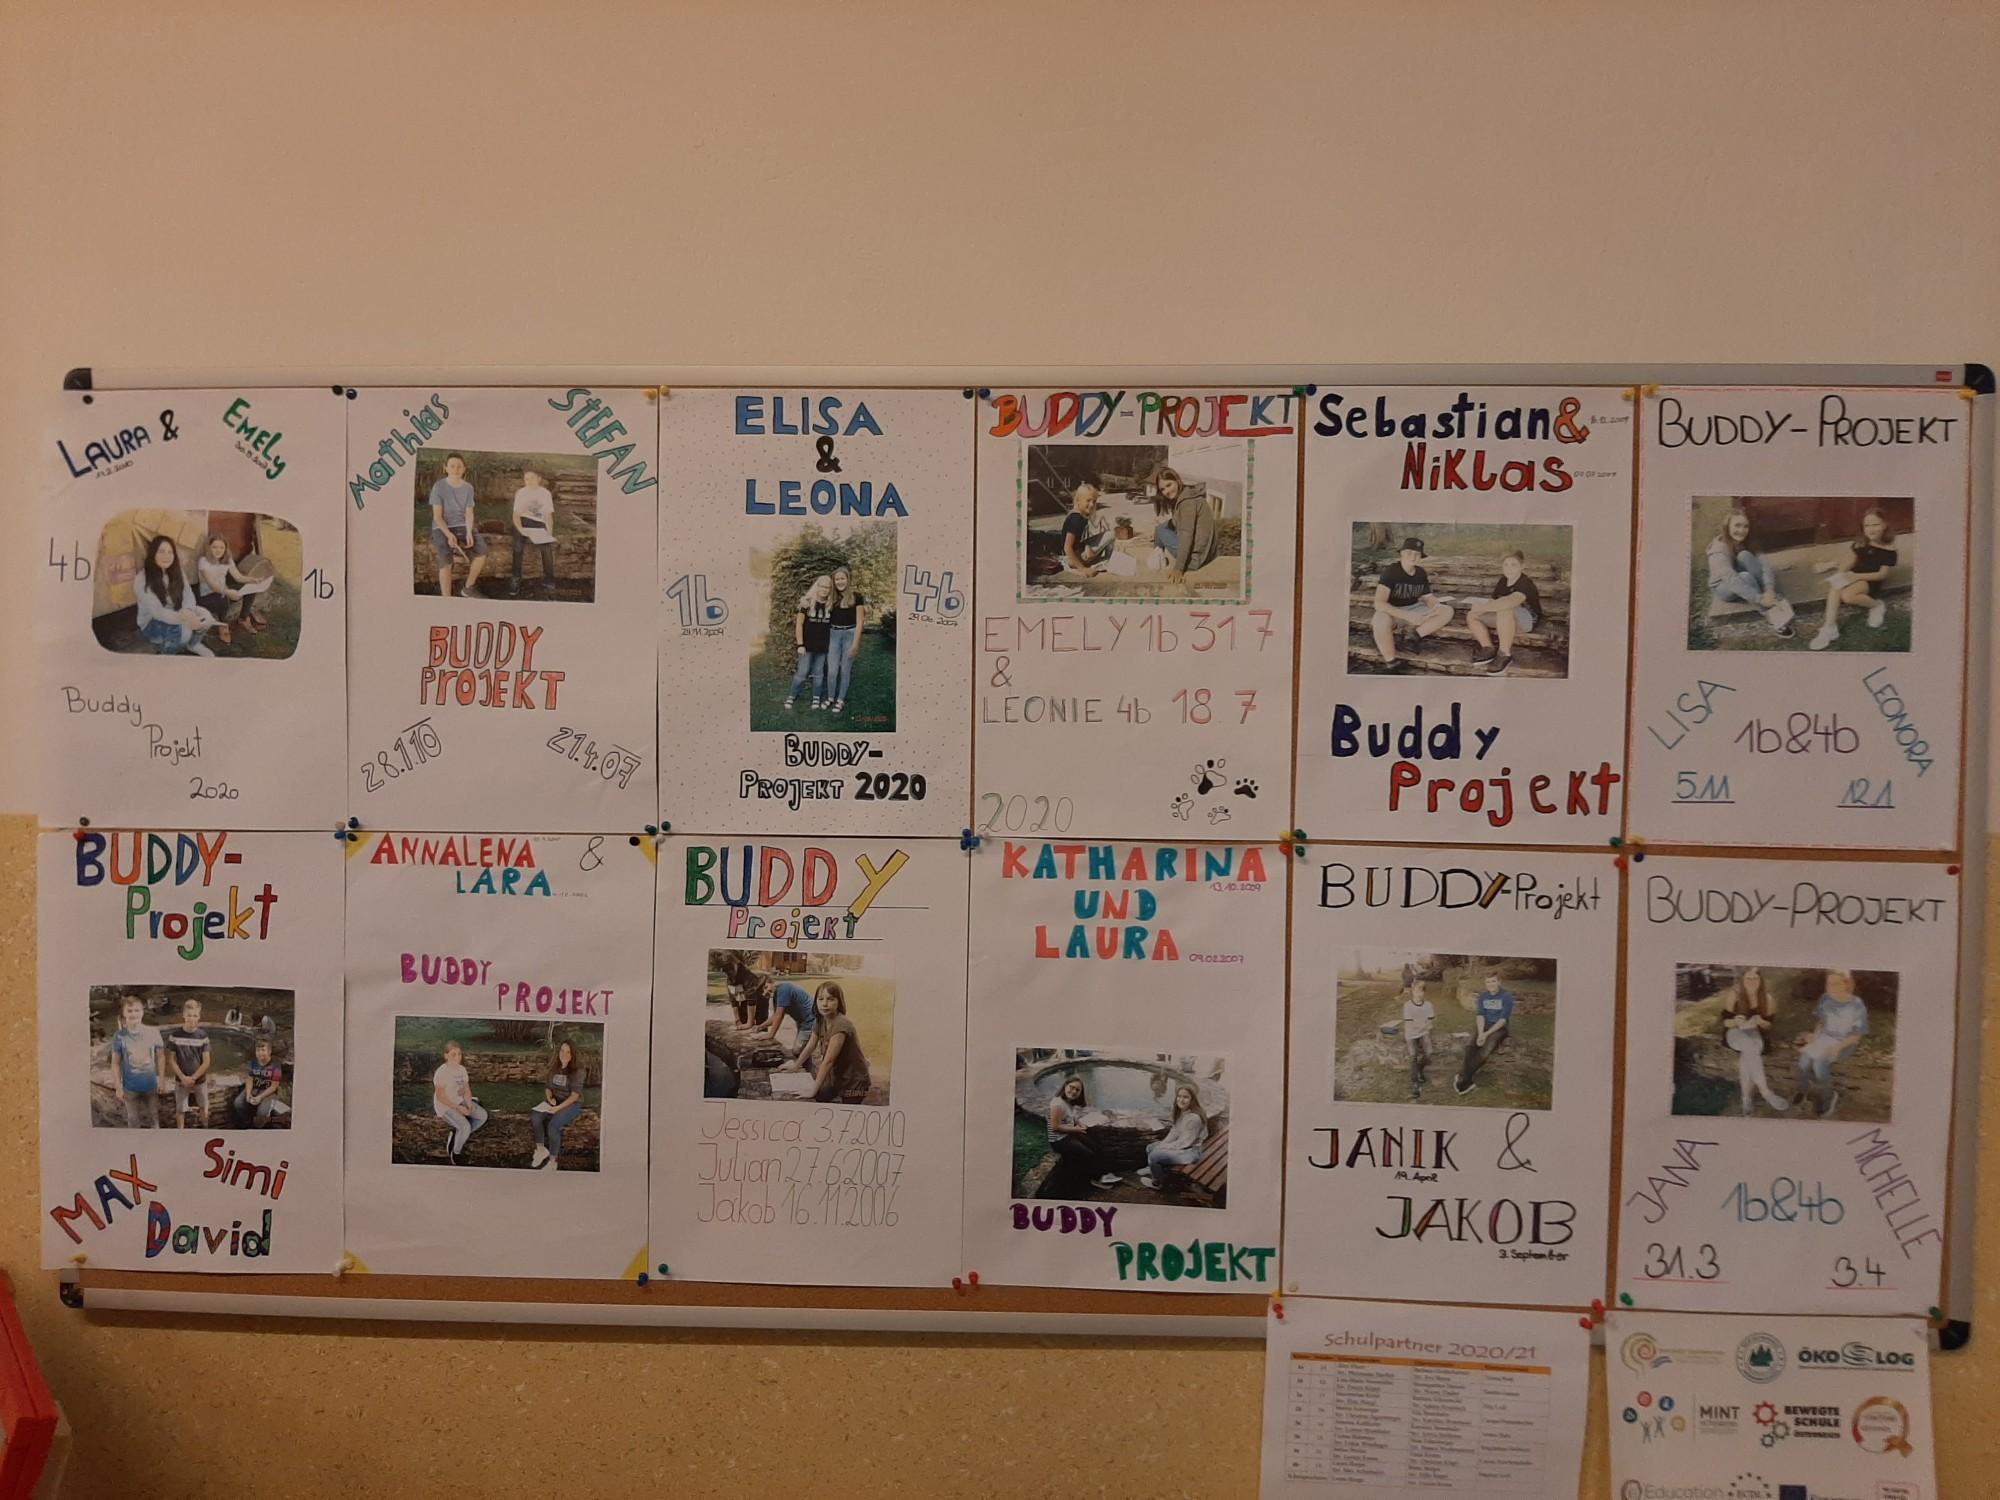 Buddy Projekt der 1. und 4. Klassen